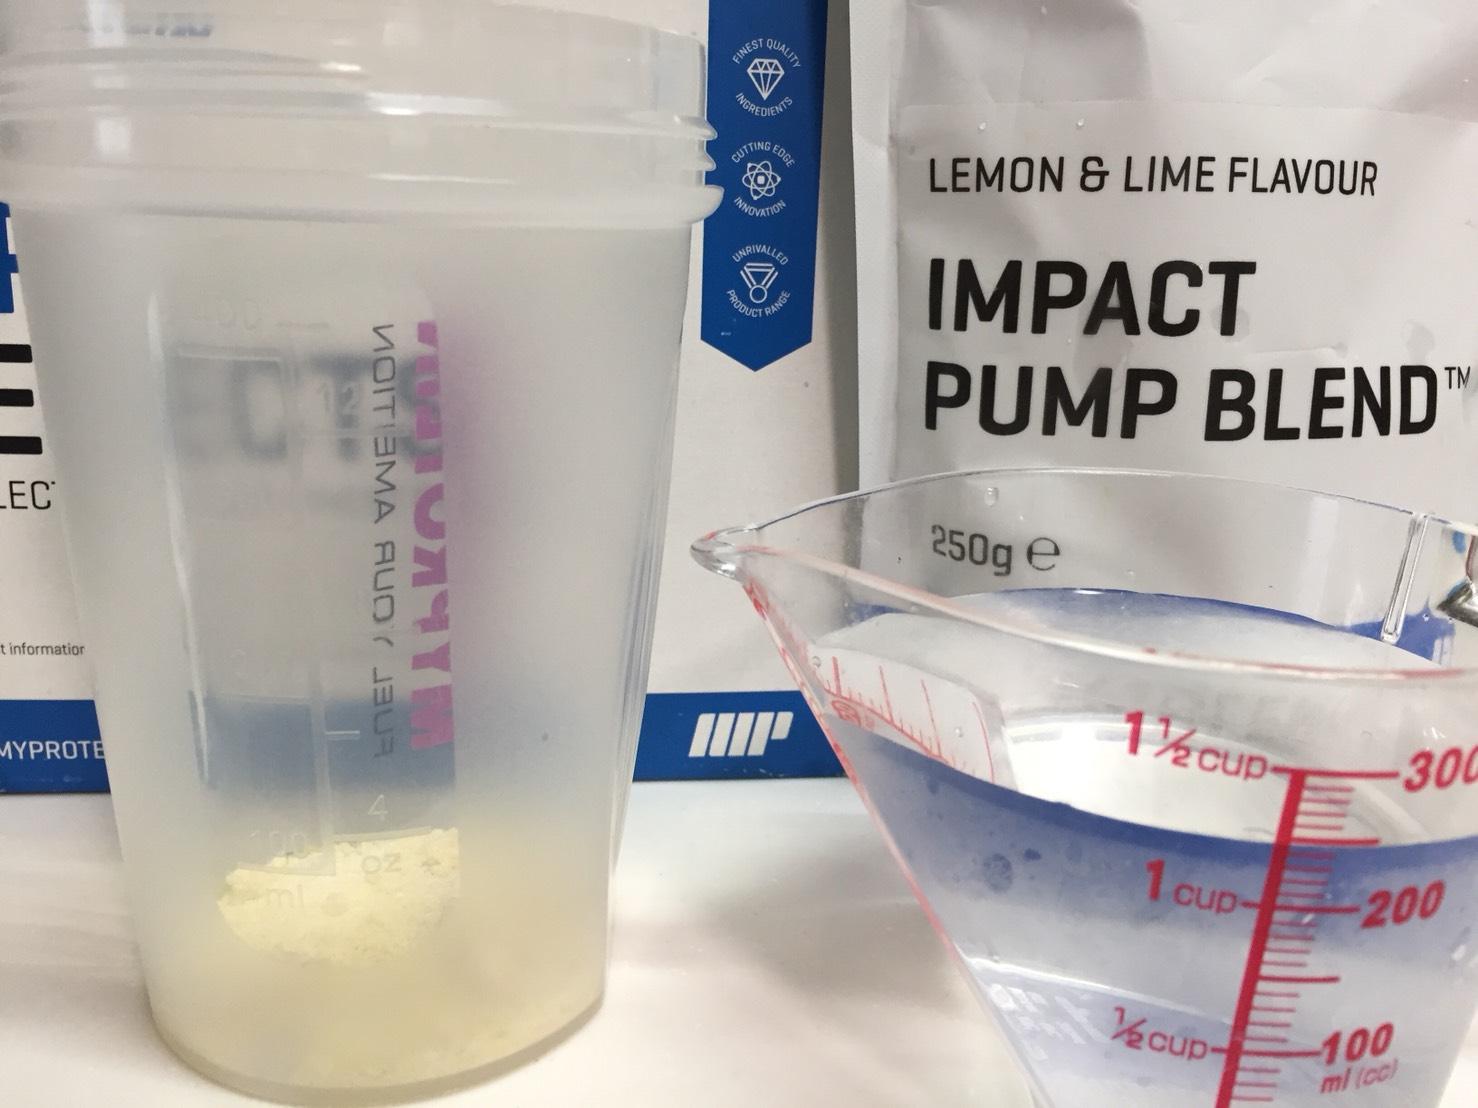 IMPACTパンプブレンド「LEMON & LIME FLAVOUR(レモン&ライム味)」を250mlの水に溶かします